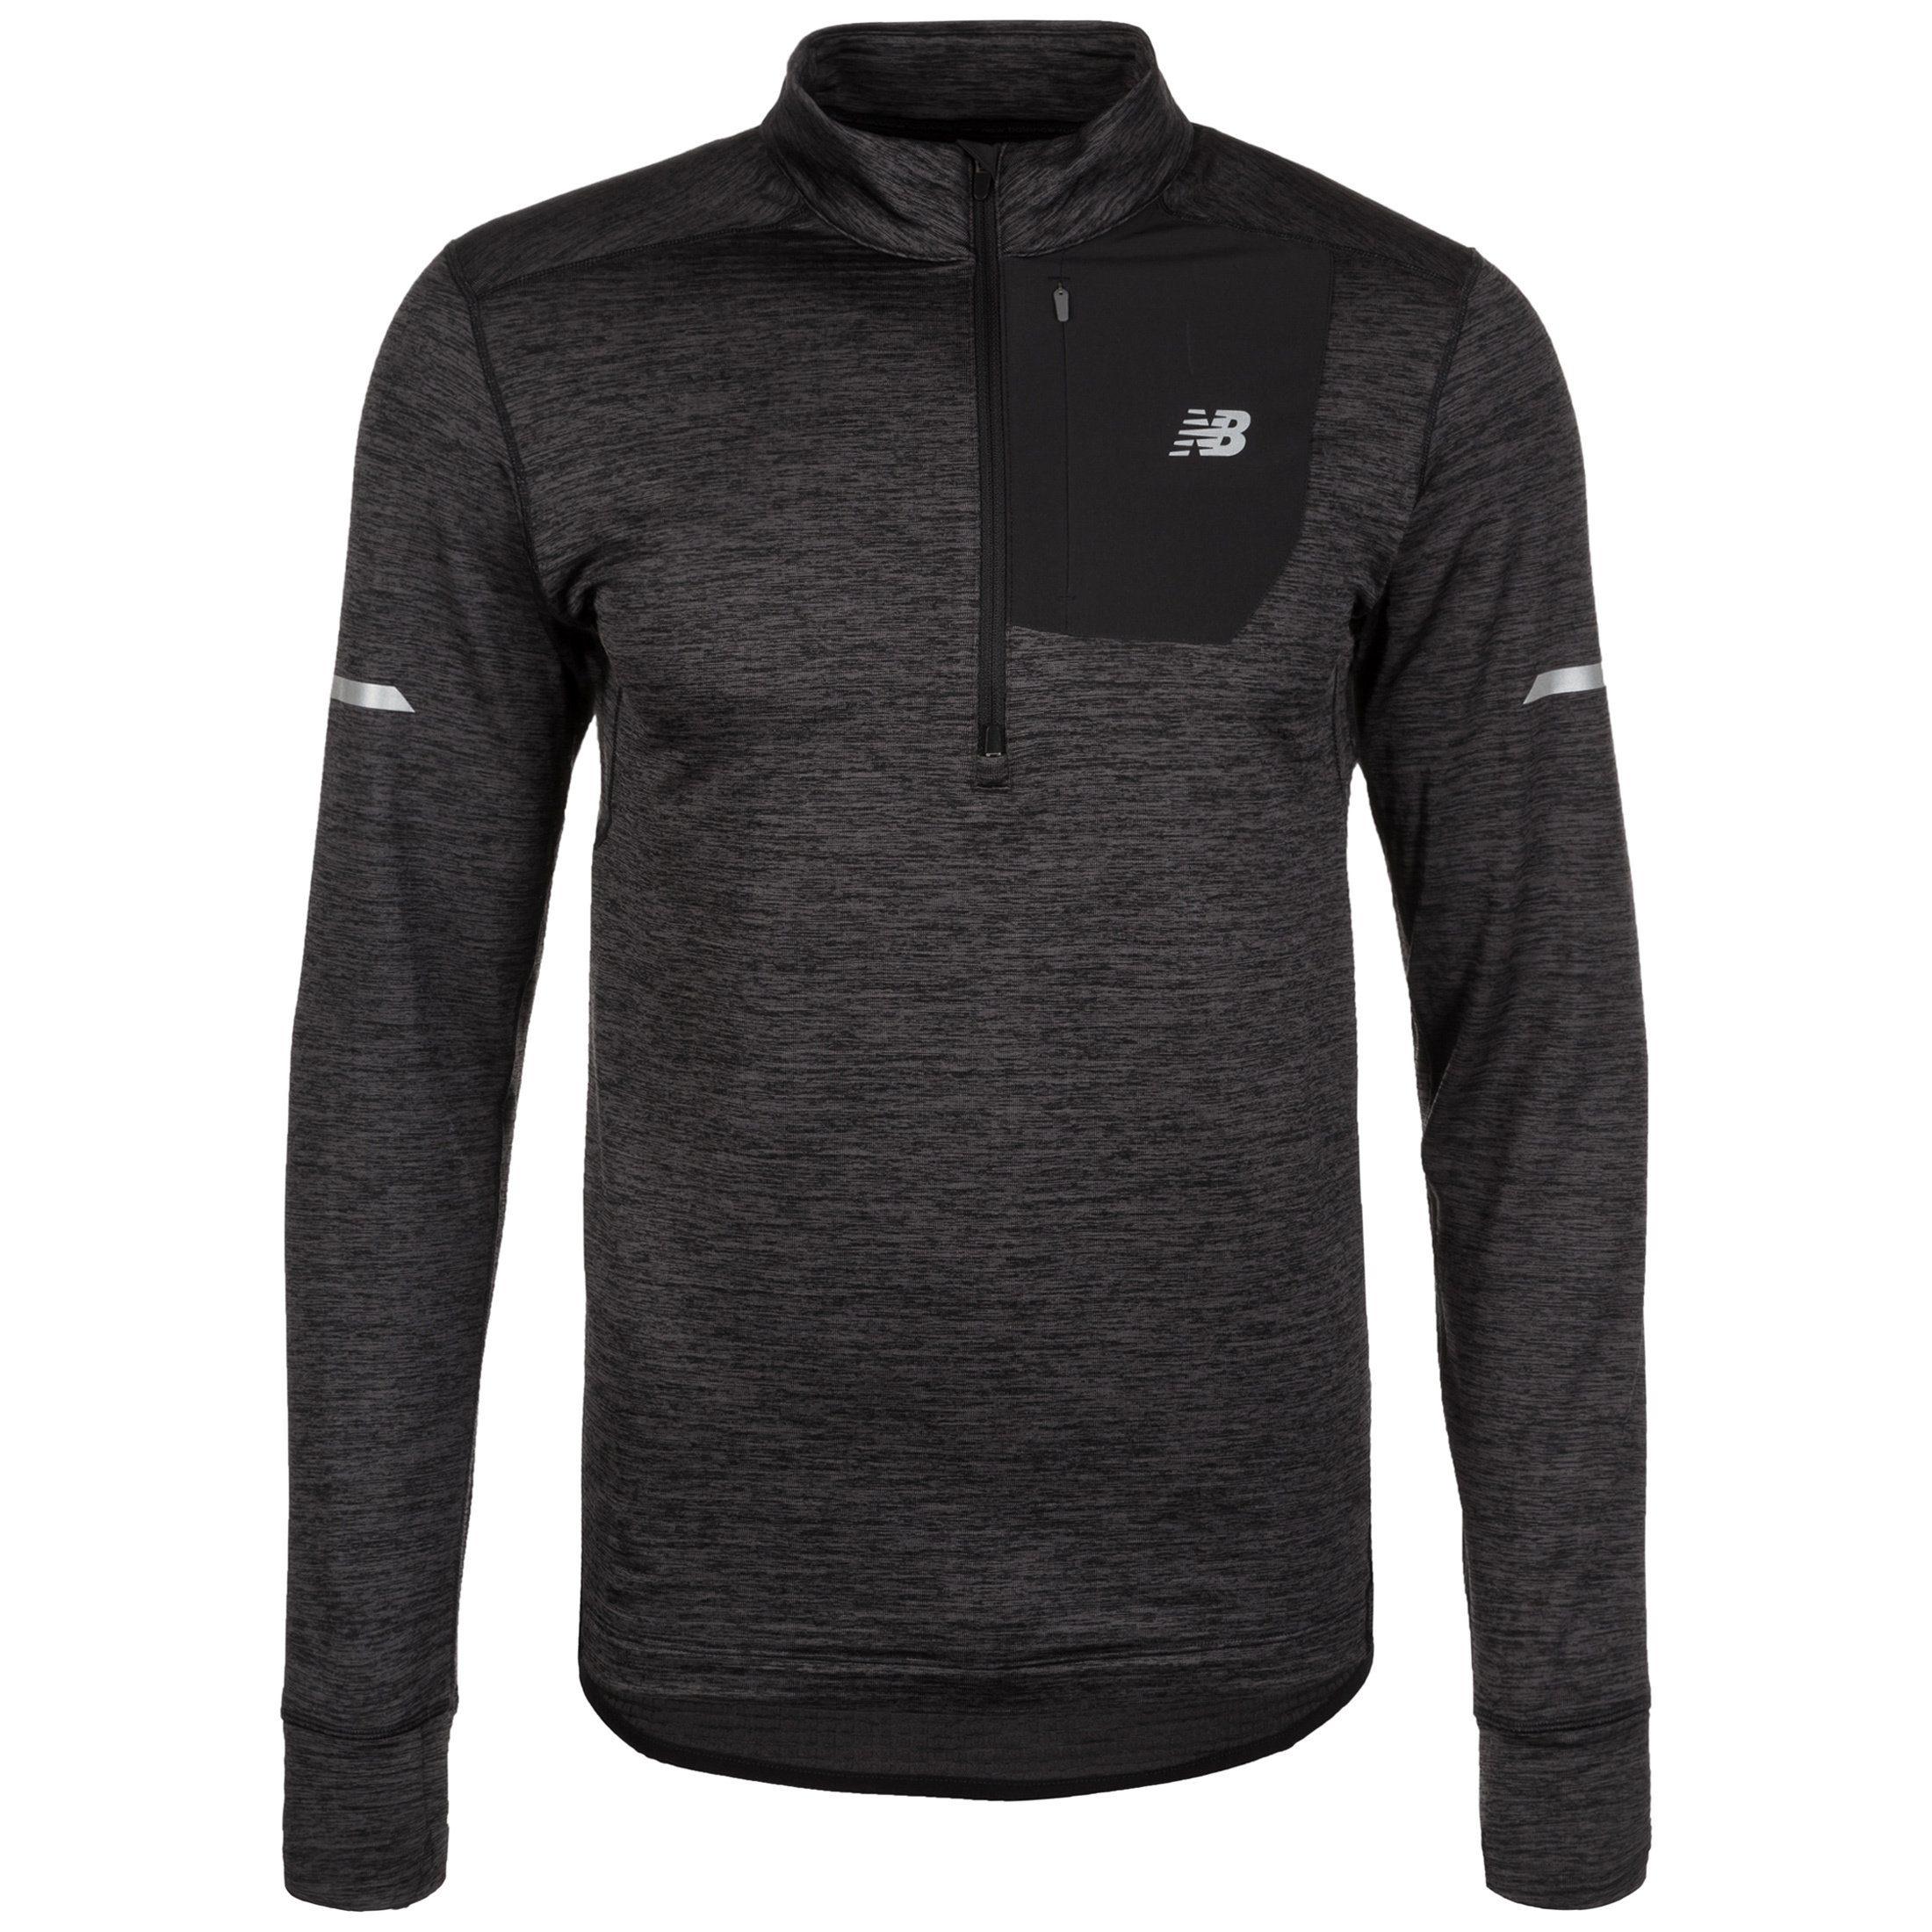 New Balance Laufshirt Heat Quarter-zip | Sportbekleidung > Sportshirts > Laufshirts | Grau | New Balance